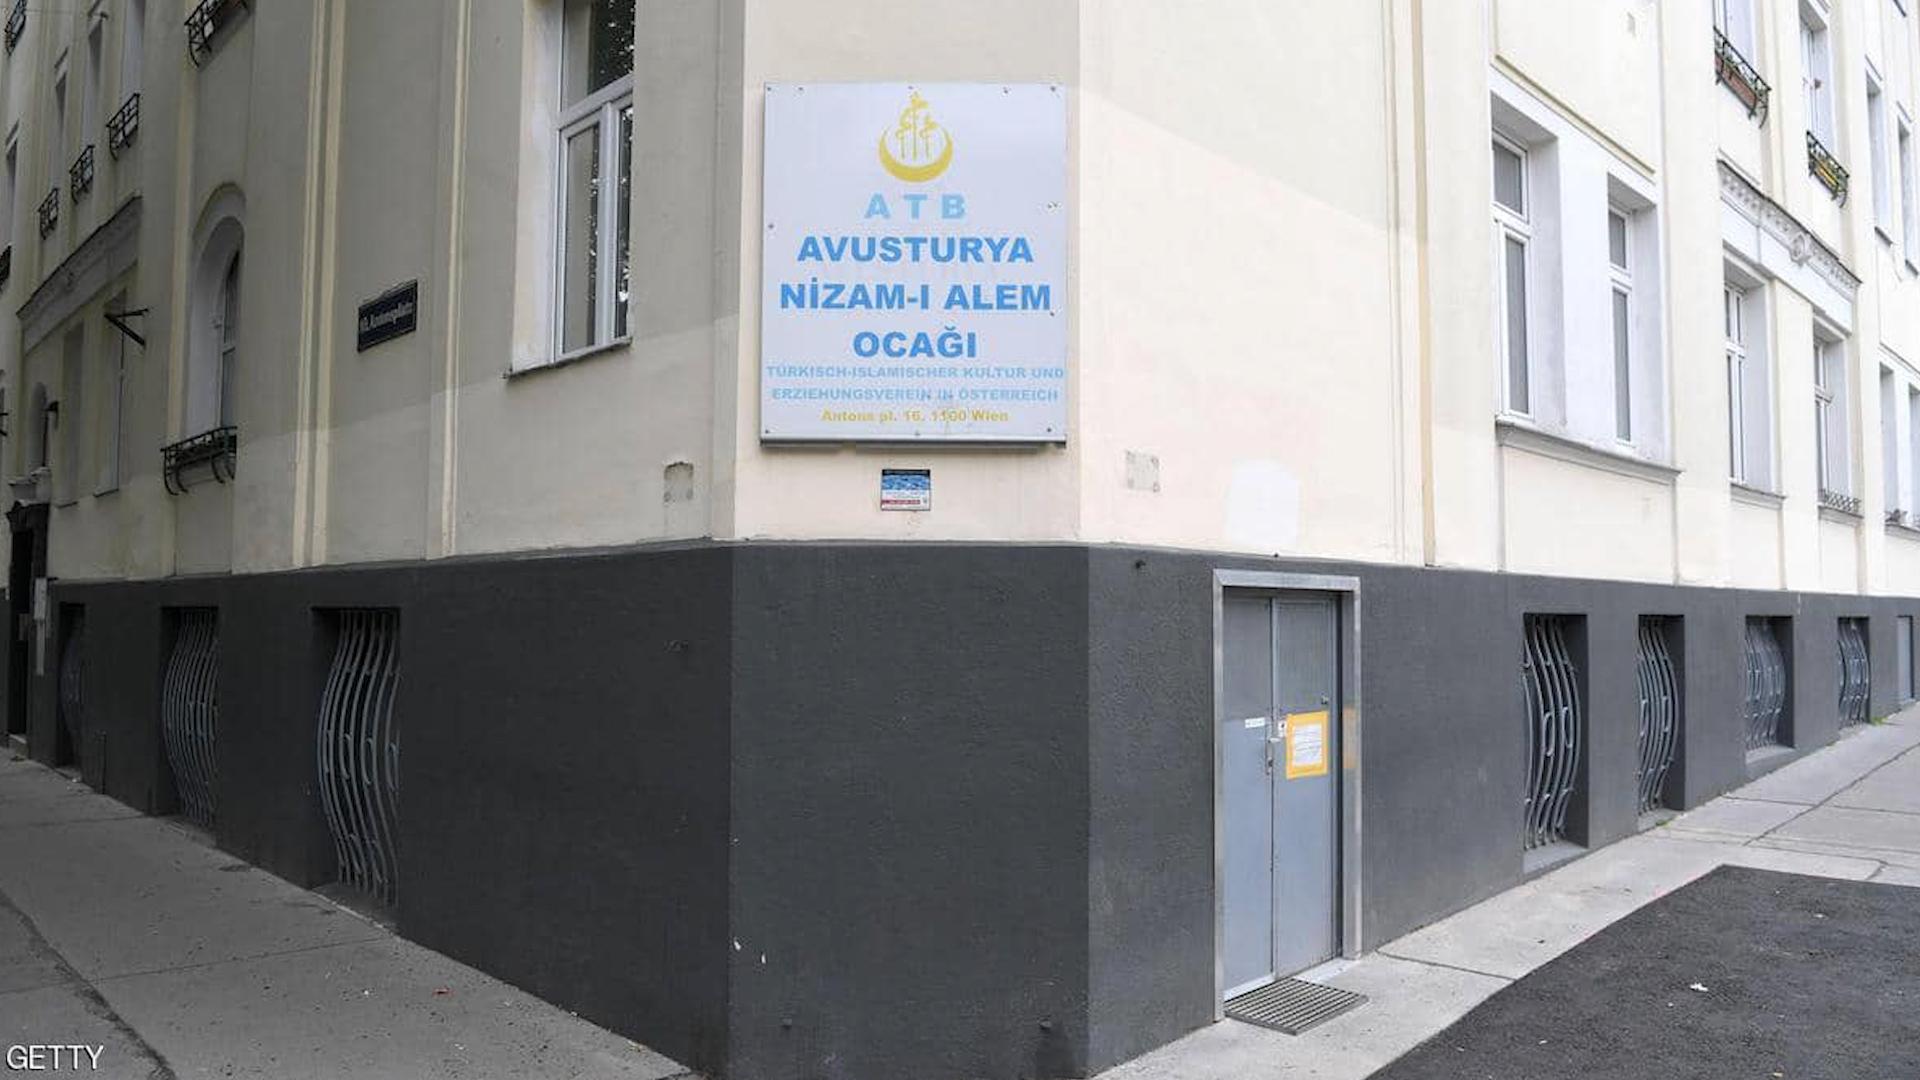 Photo of Ji ber sîxurtiyê, hikumeta Asturî hejmareke mizgeftên Tirkî girtin